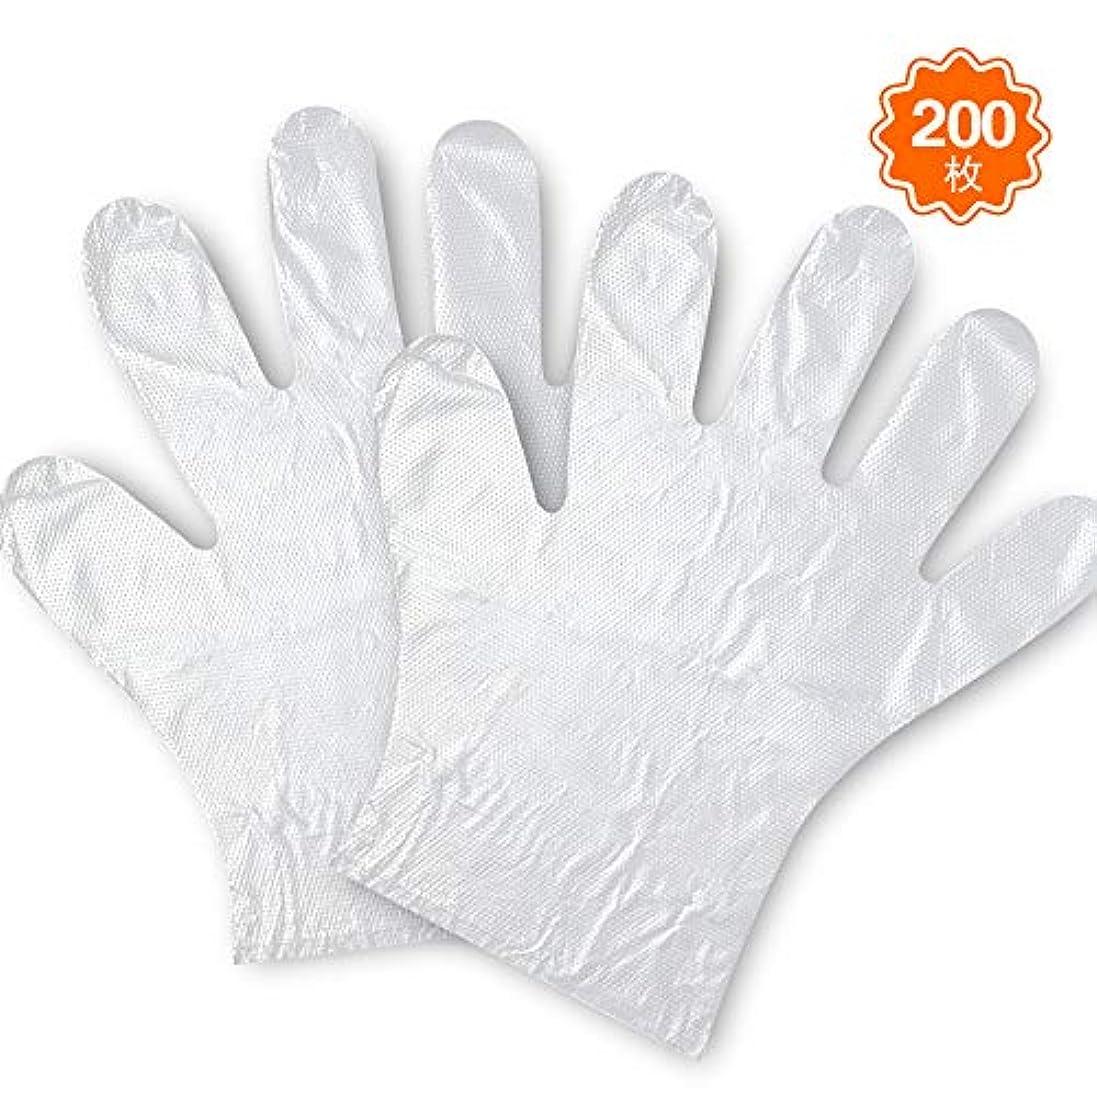 思いやりのある心のこもった脇にFanDaMei 使い捨てポリ手袋 200枚 使いきり手袋 ポリエチレン 使い捨て手袋 極薄手袋 調理に?お掃除に?毛染めに 食品衛生法適合